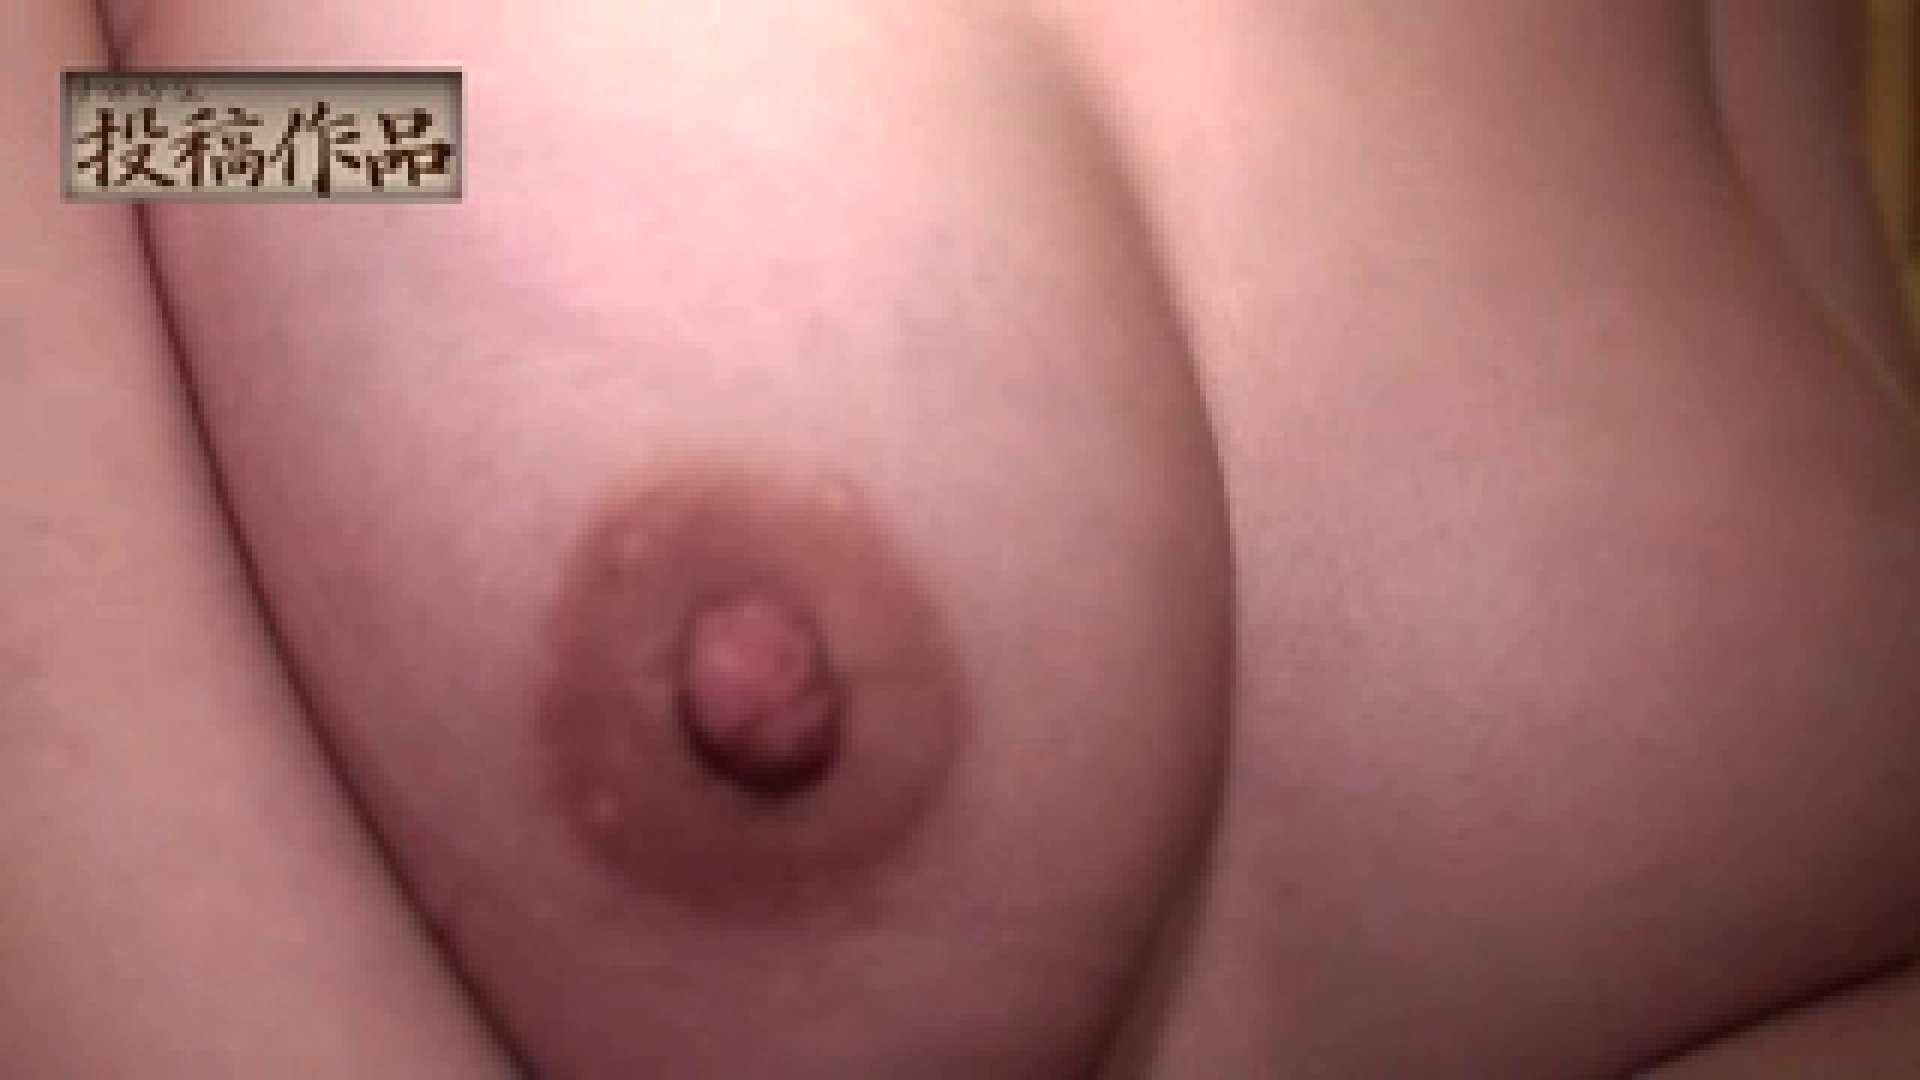 ナマハゲさんのまんこコレクション第3弾 ichiko2 一般投稿  23連発 5